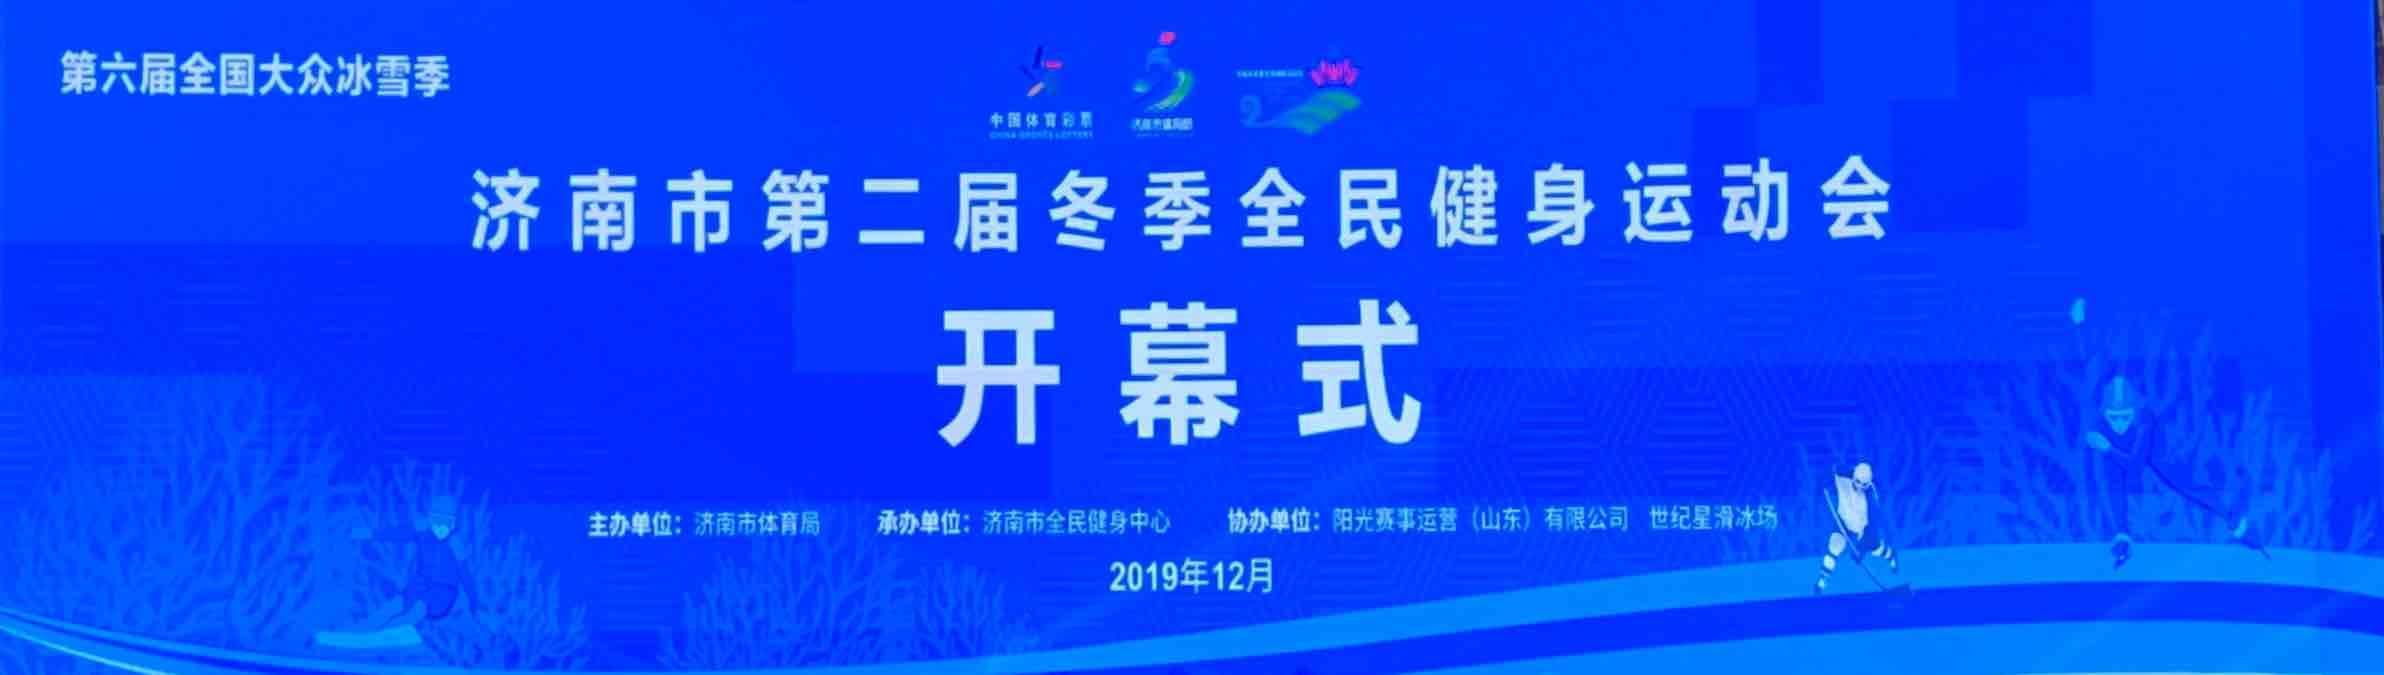 冬日激情!济南市第二届冬季全民健身运动会开幕